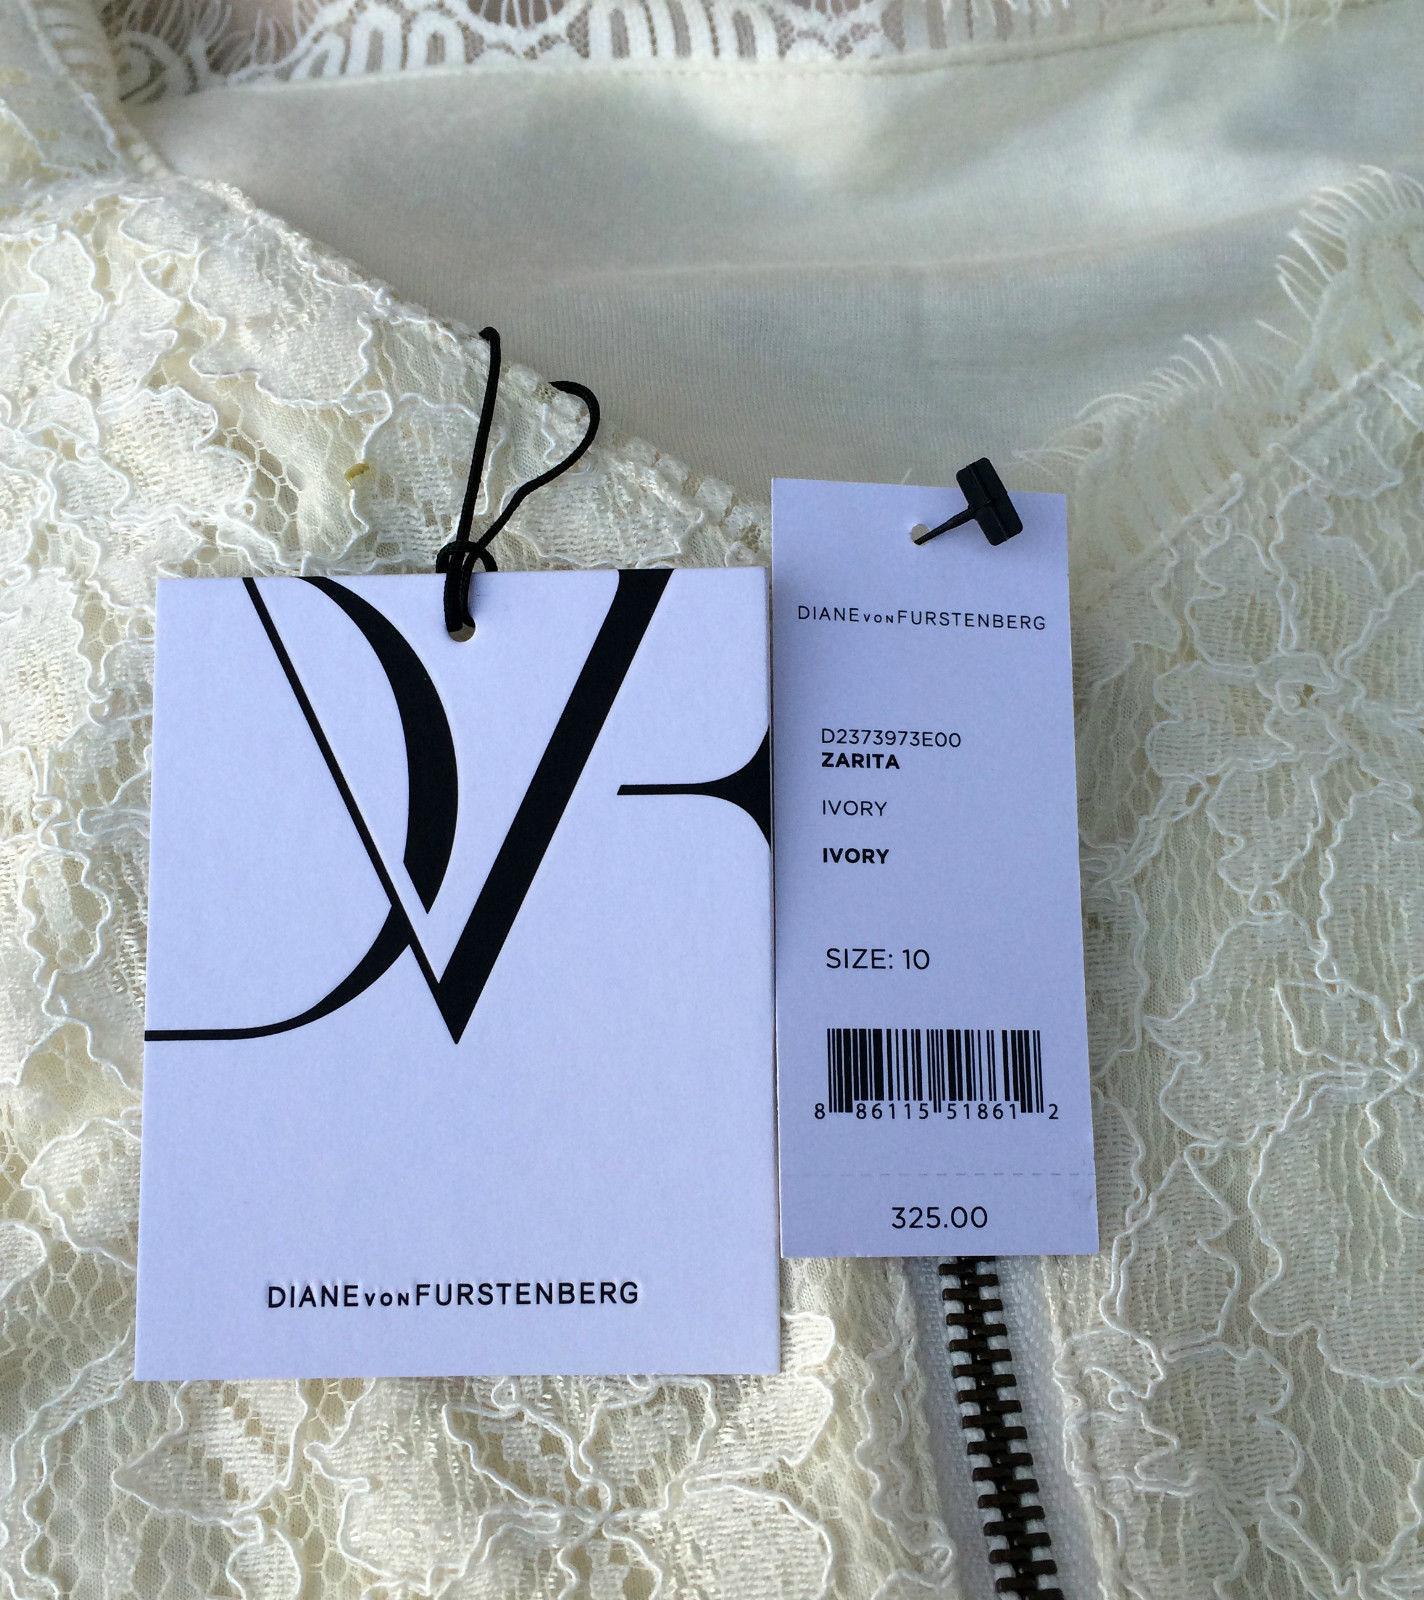 Diane von Furstenberg Zarita Lace Dress in Ivory size 12